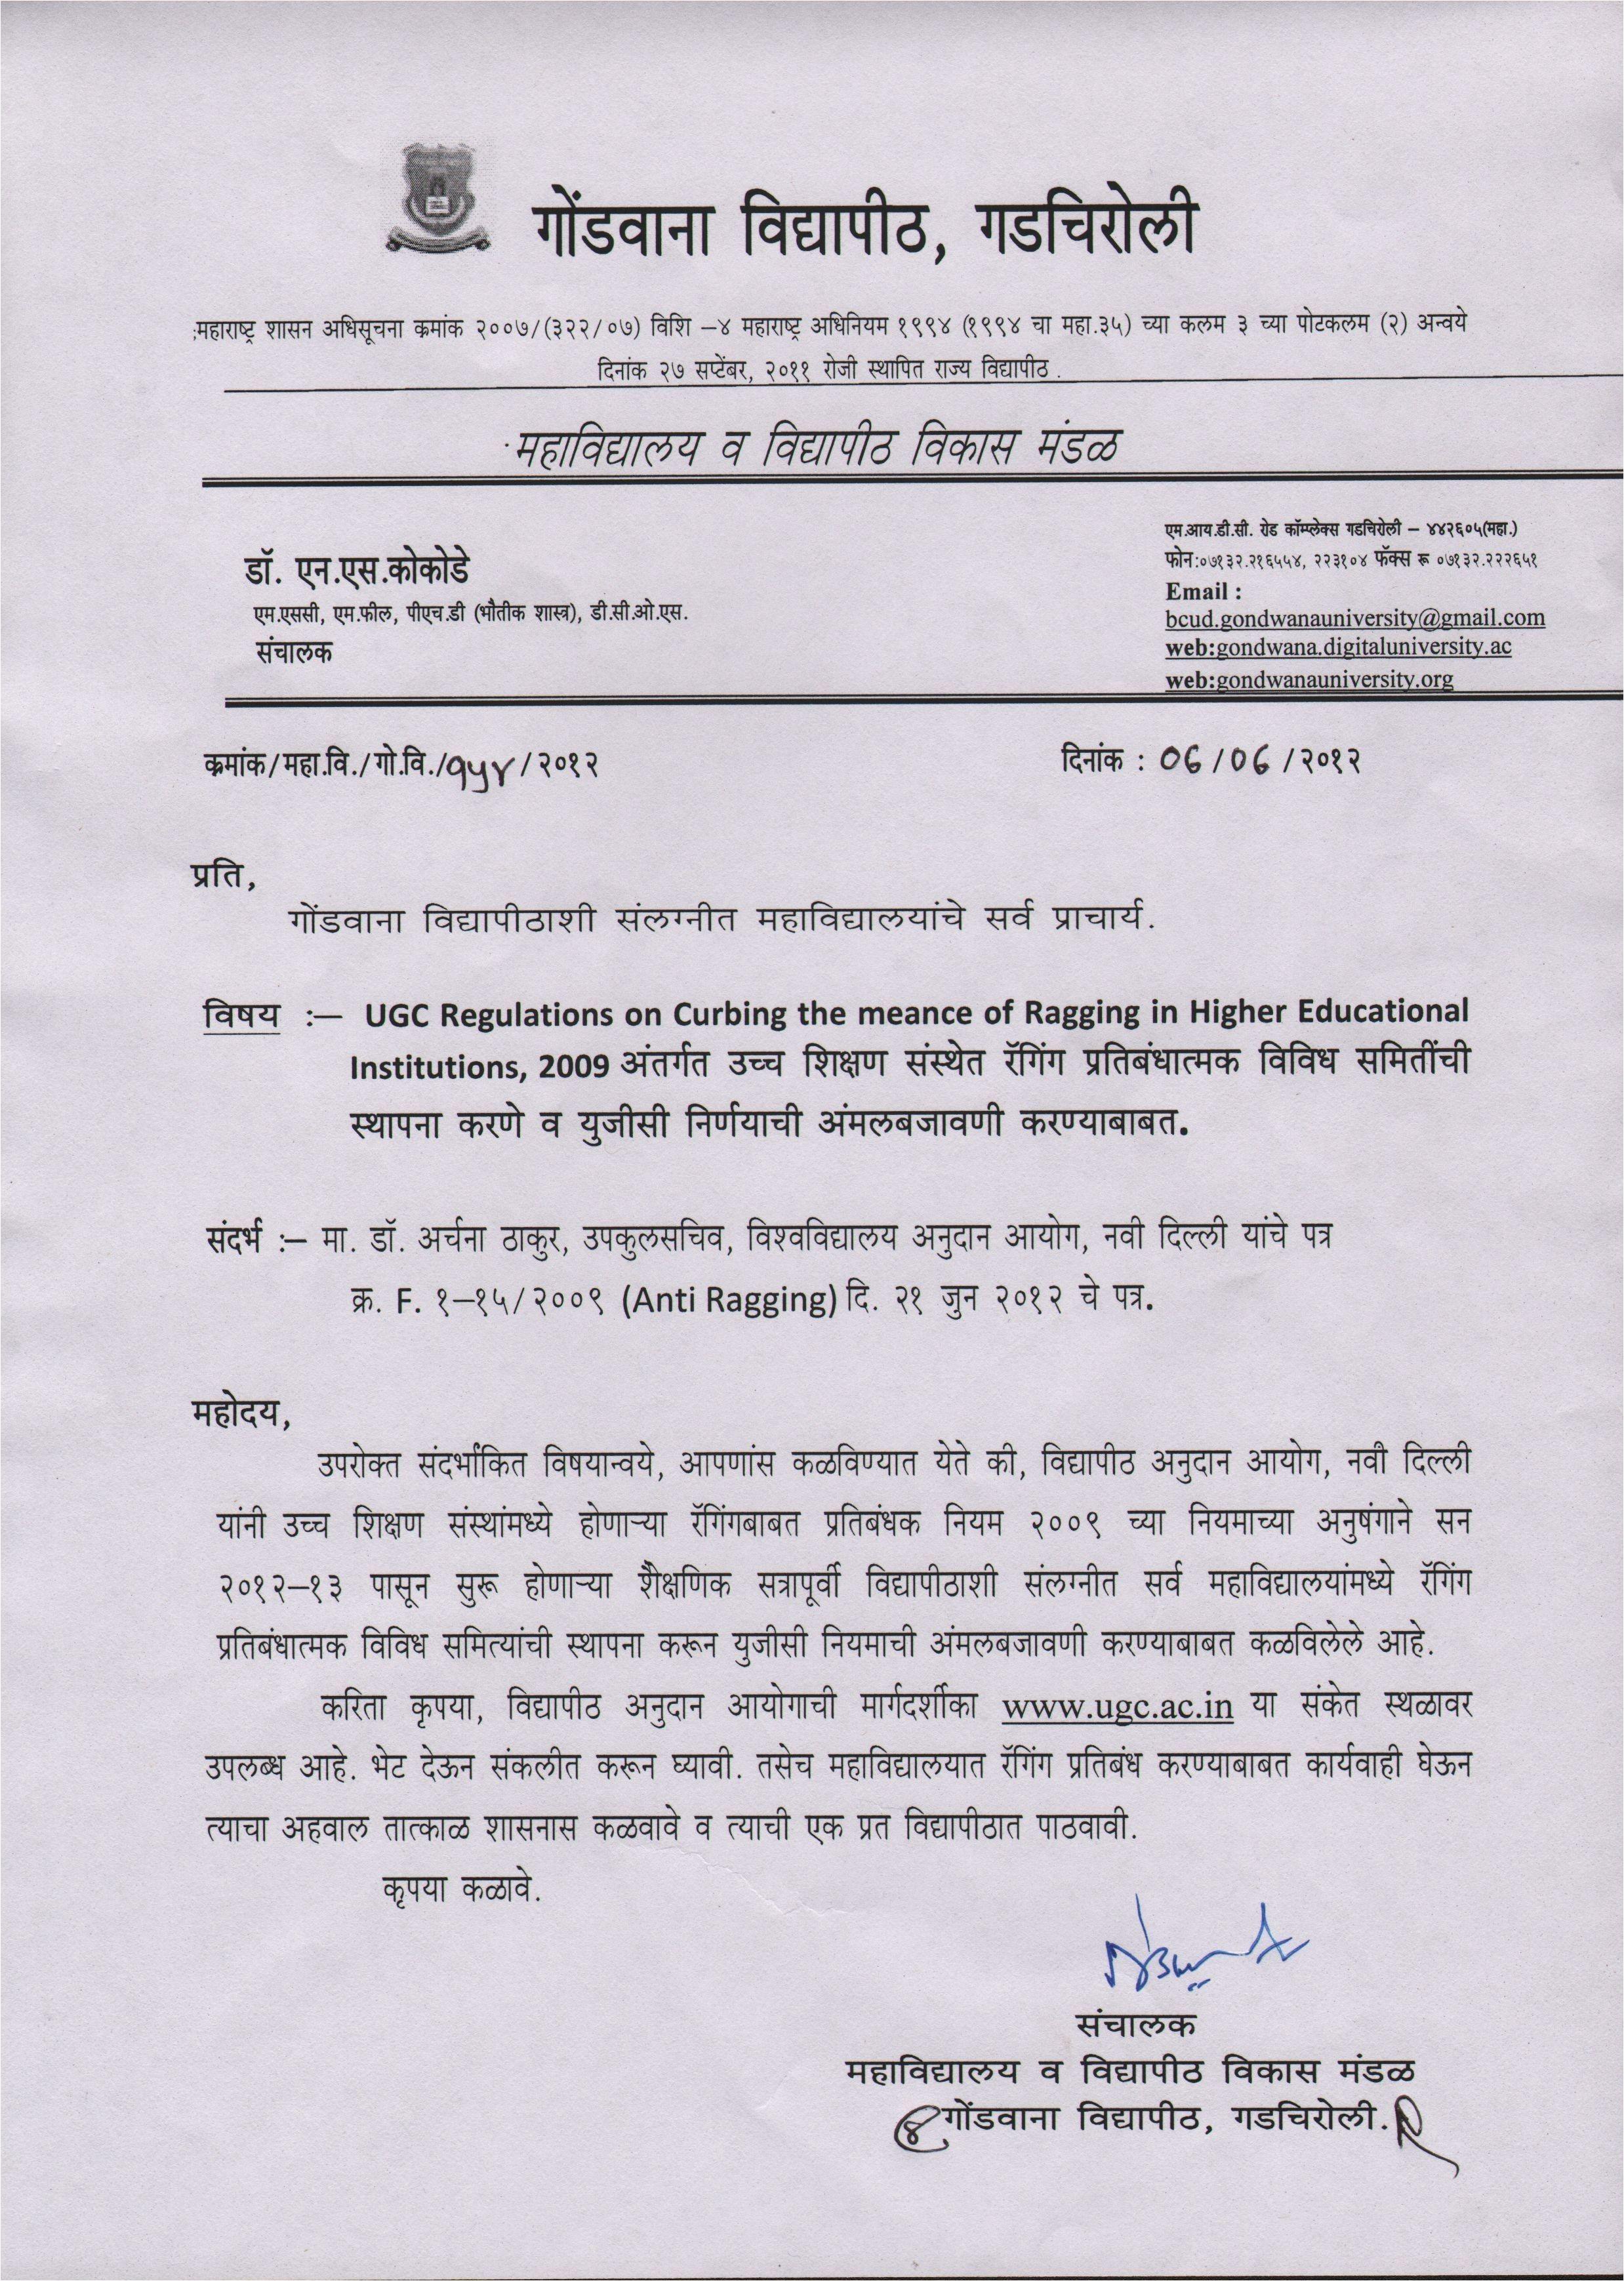 birthday invitation letter format marathi